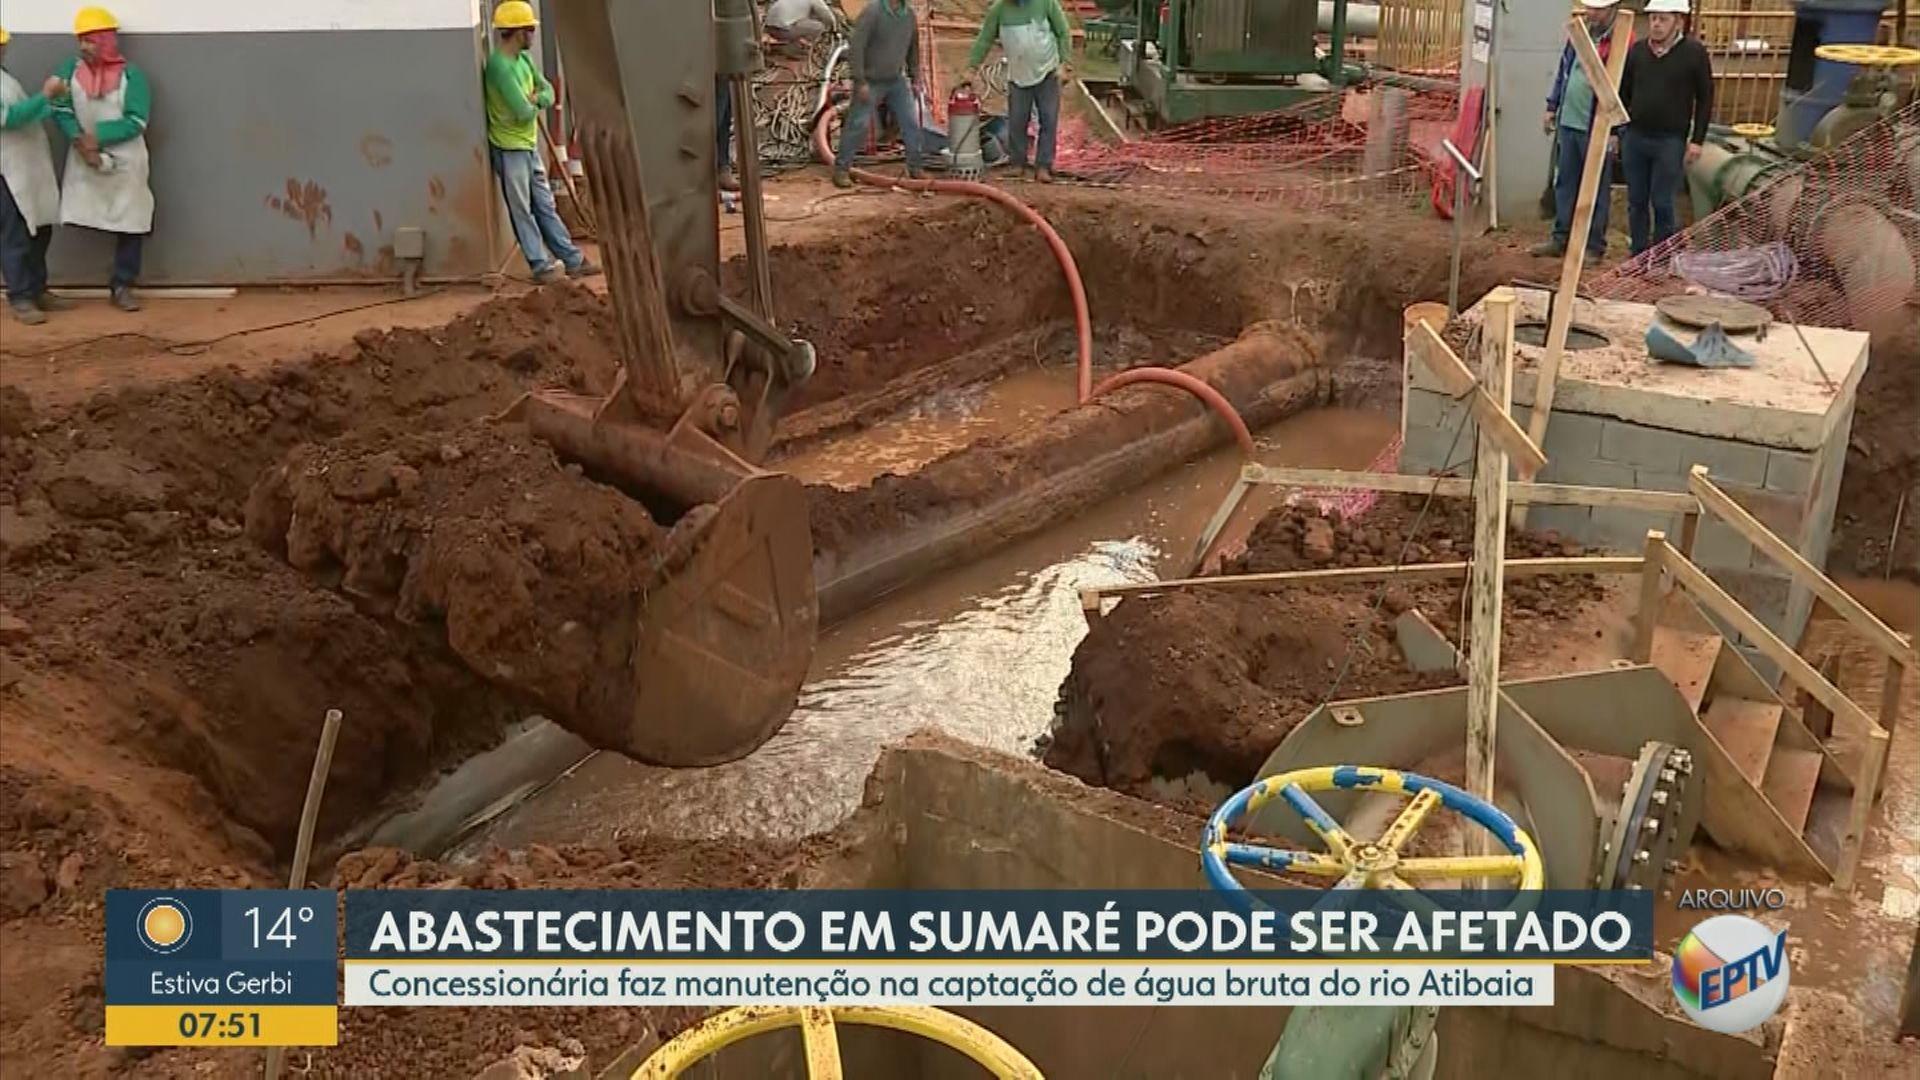 VÍDEOS: Bom Dia Cidade Ribeirão Preto de terça-feira, 11 de agosto de 2020